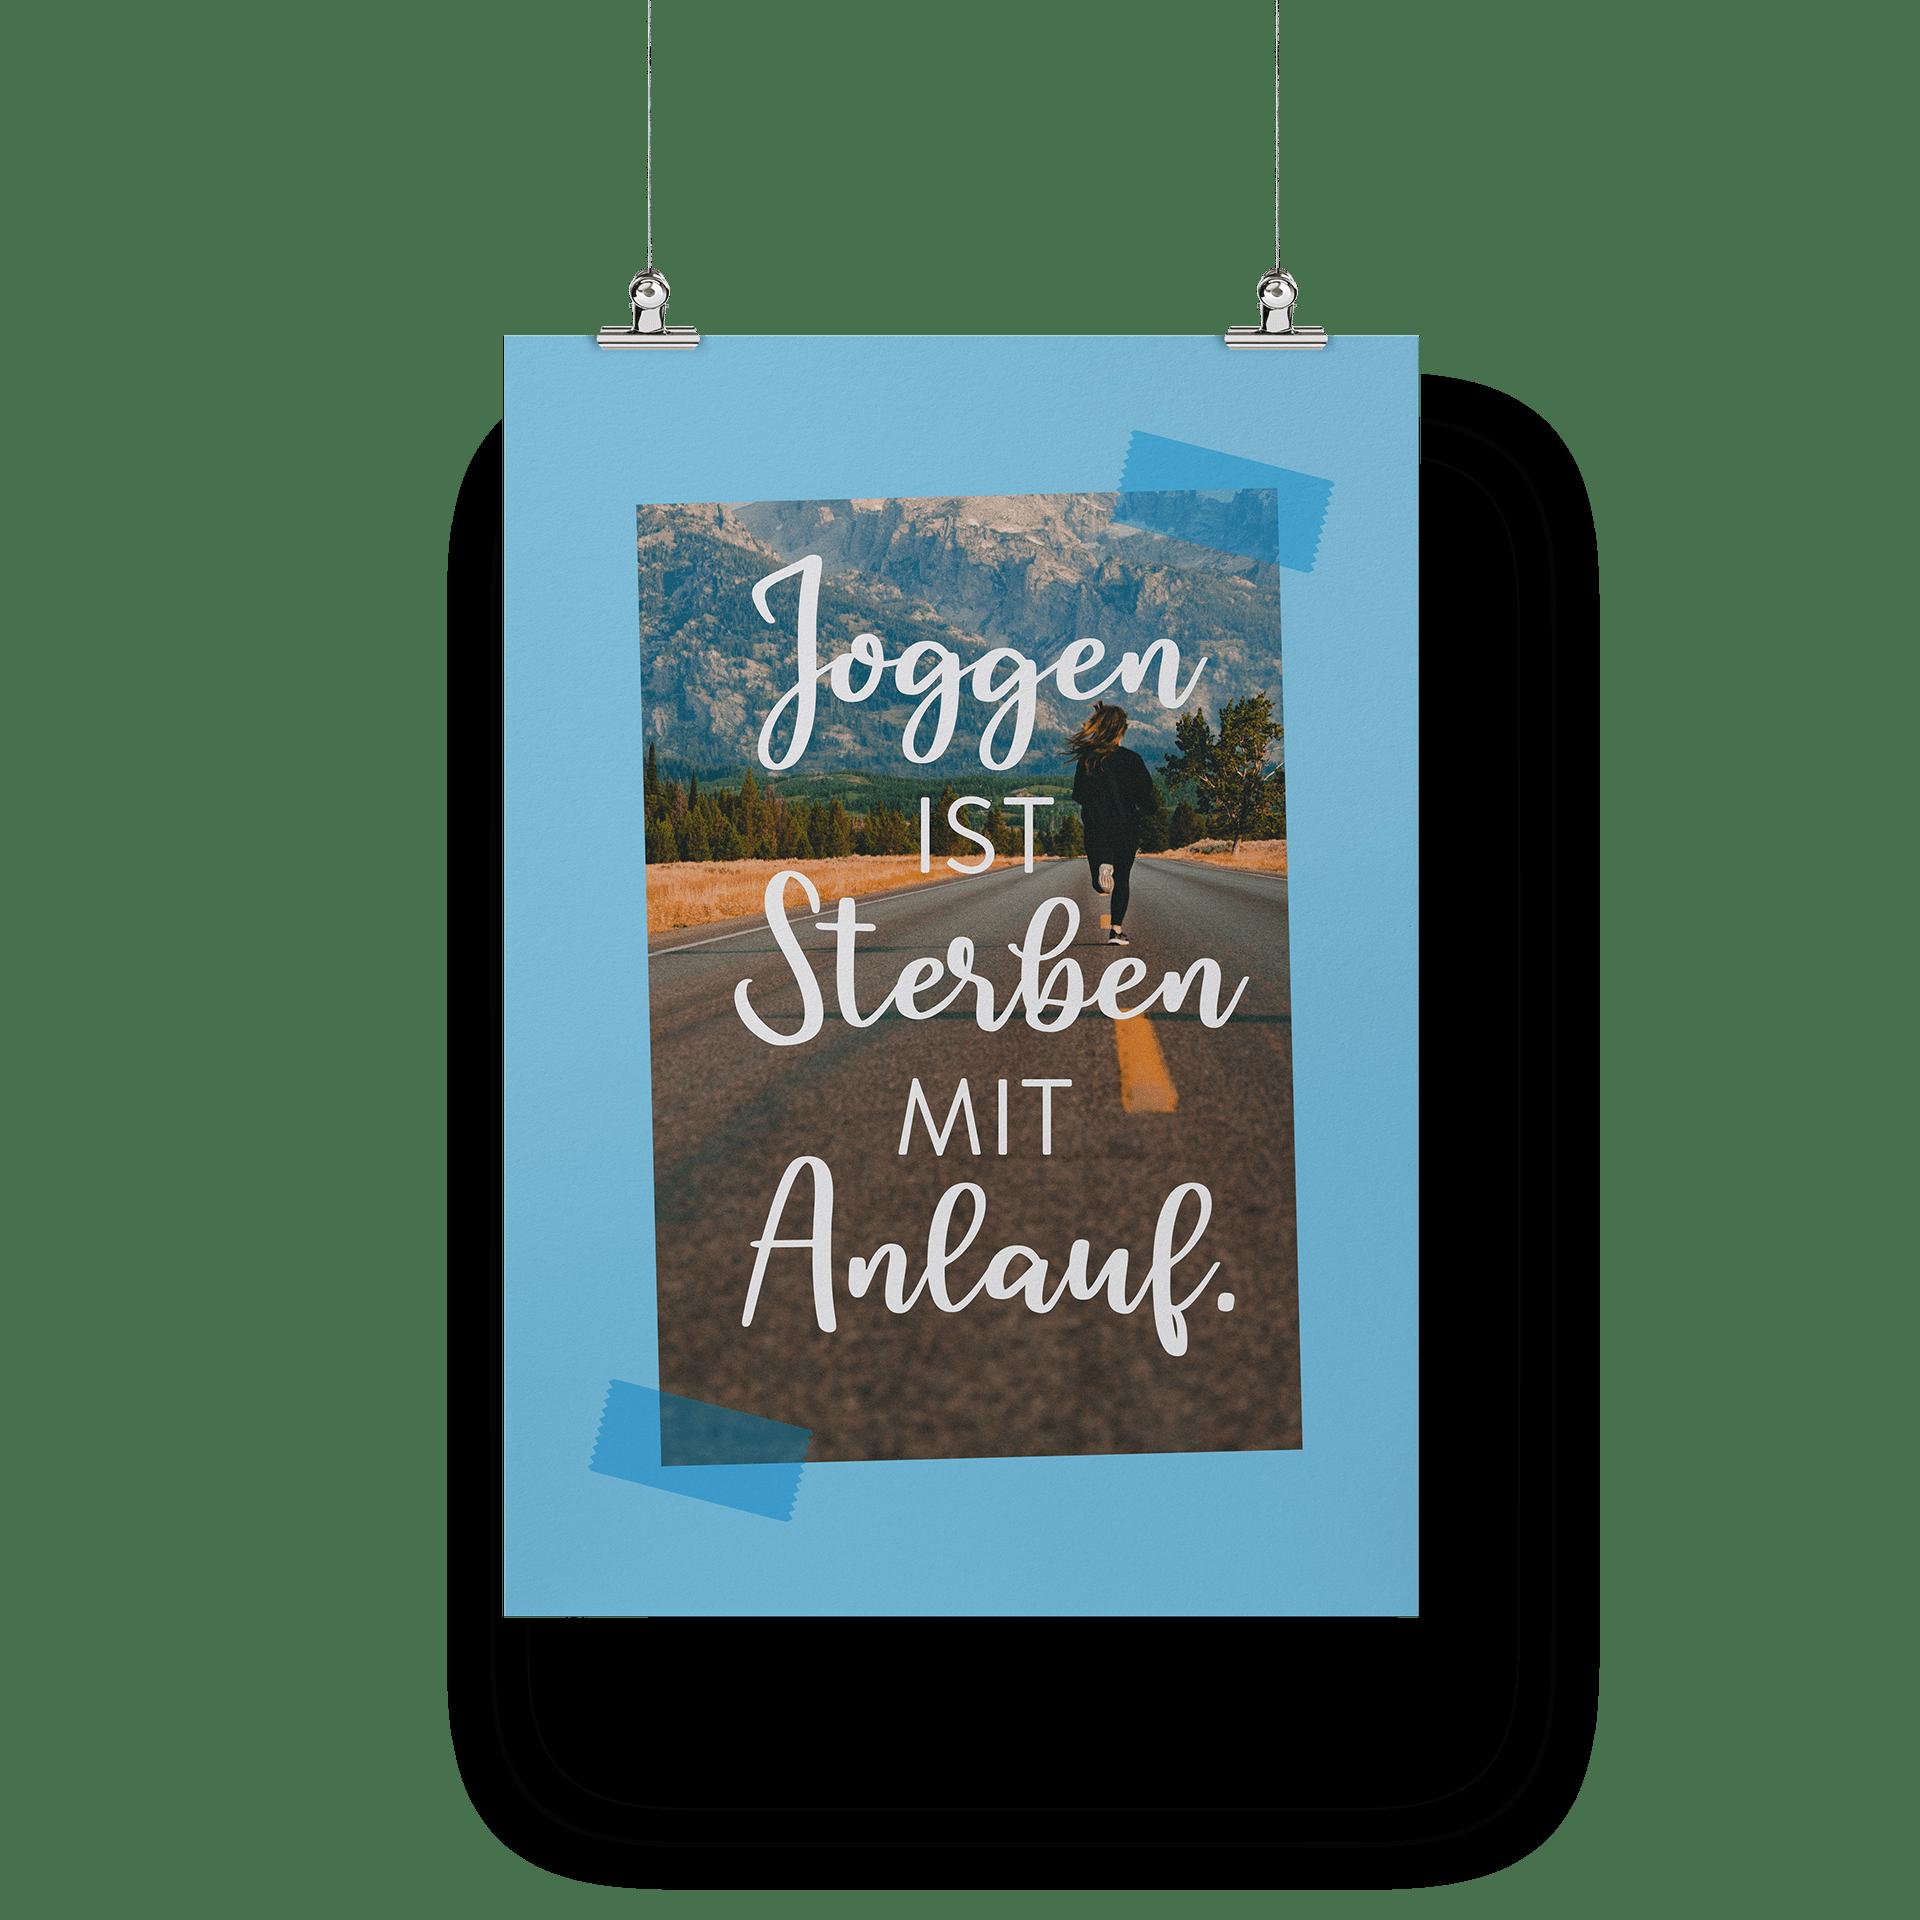 Joggen ist sterben mit Anlauf - Poster